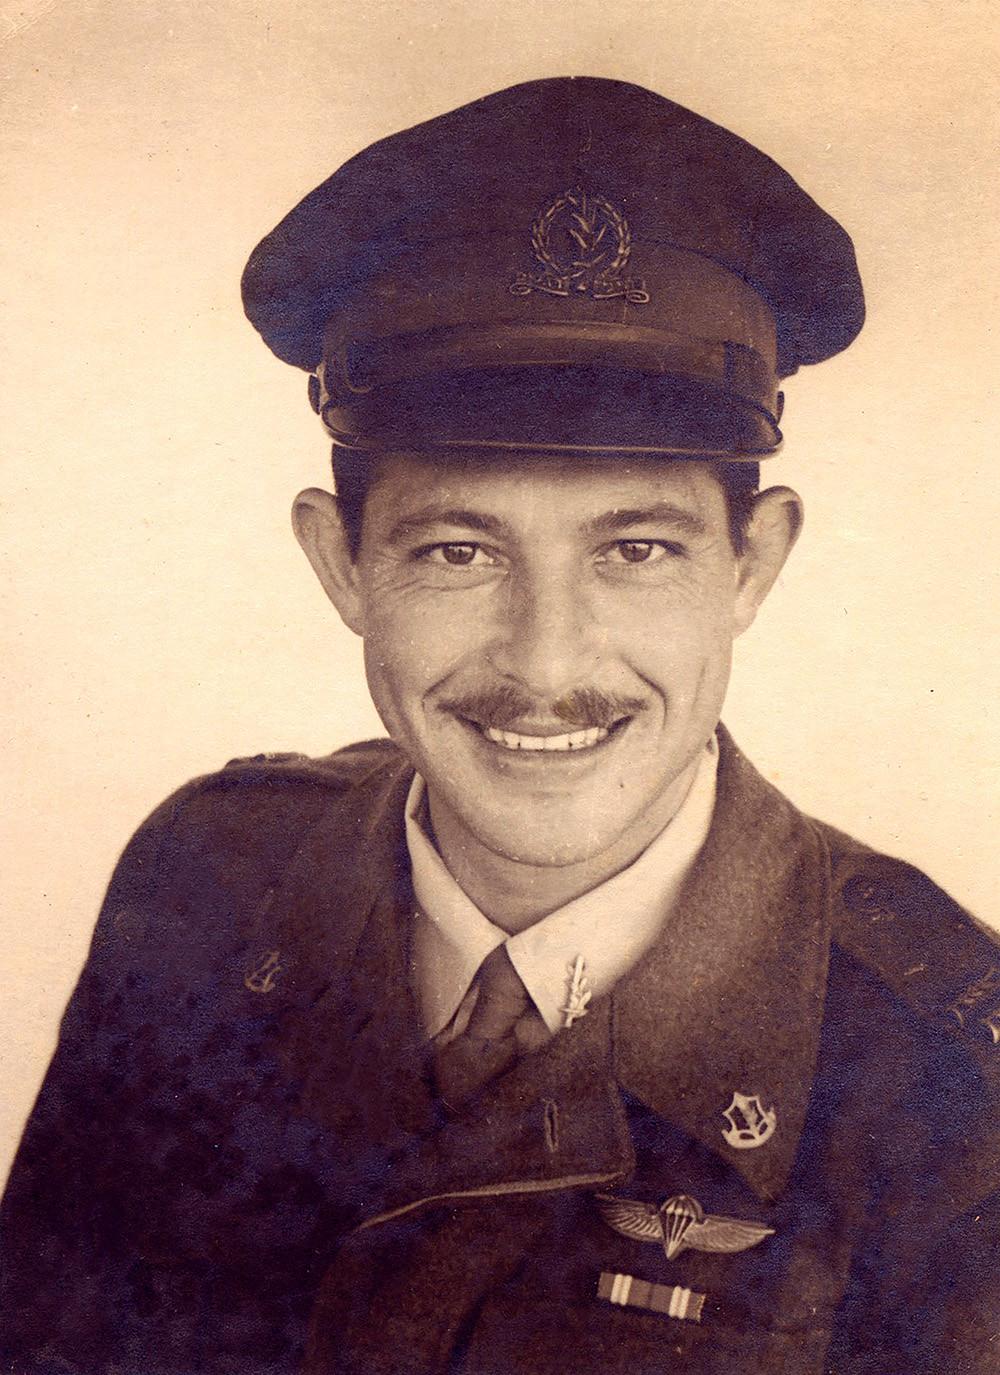 נתן סלומון, תמונה מתוך ספר הביוגרפיה שלו